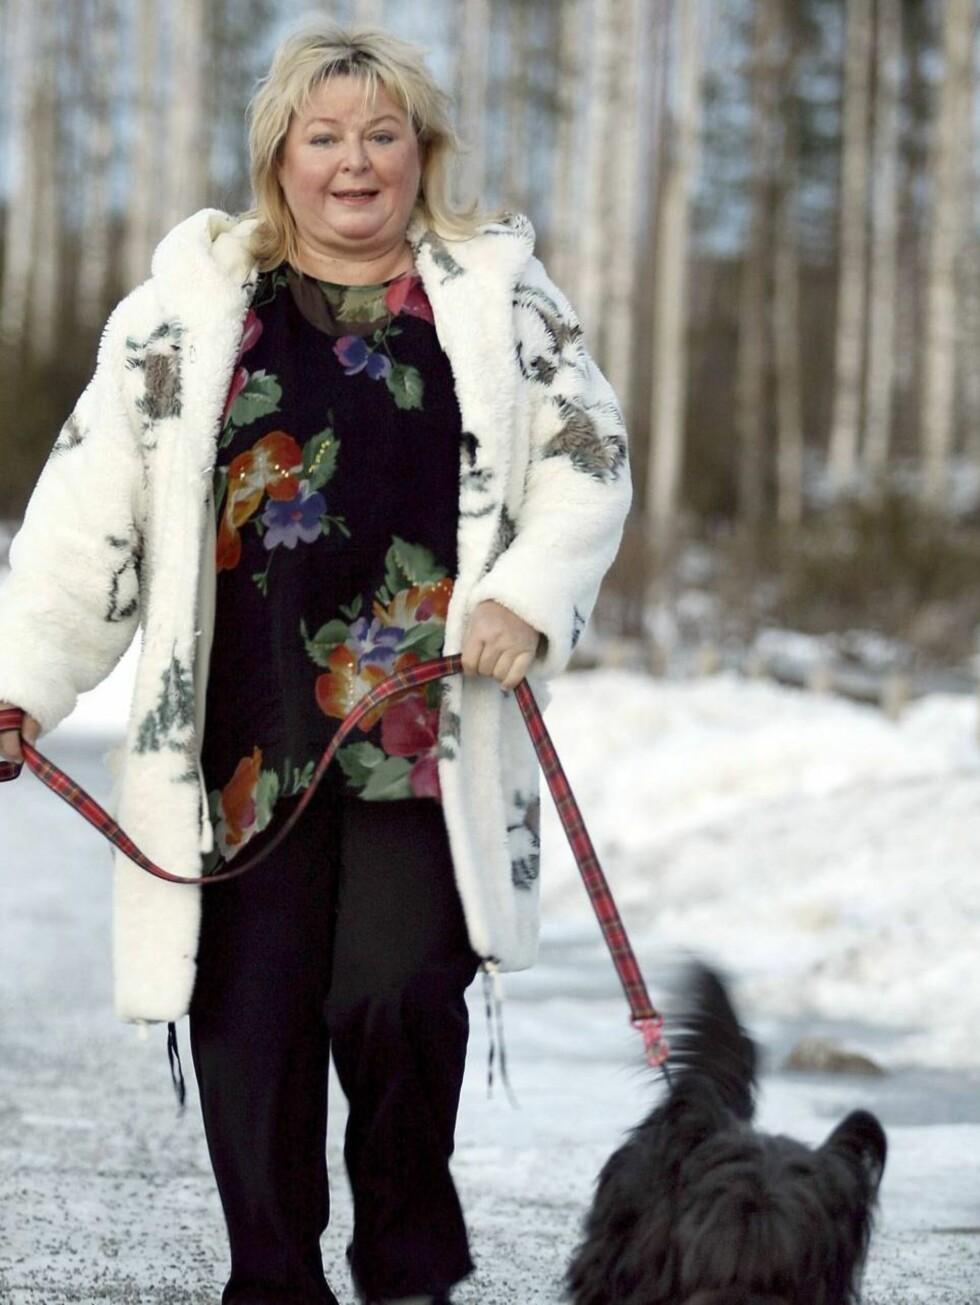 FLOTT: - Ukjente forteller meg hvor flott jeg ser ut, stråler Kikki Danielsson i dag. Foto: All Over Press